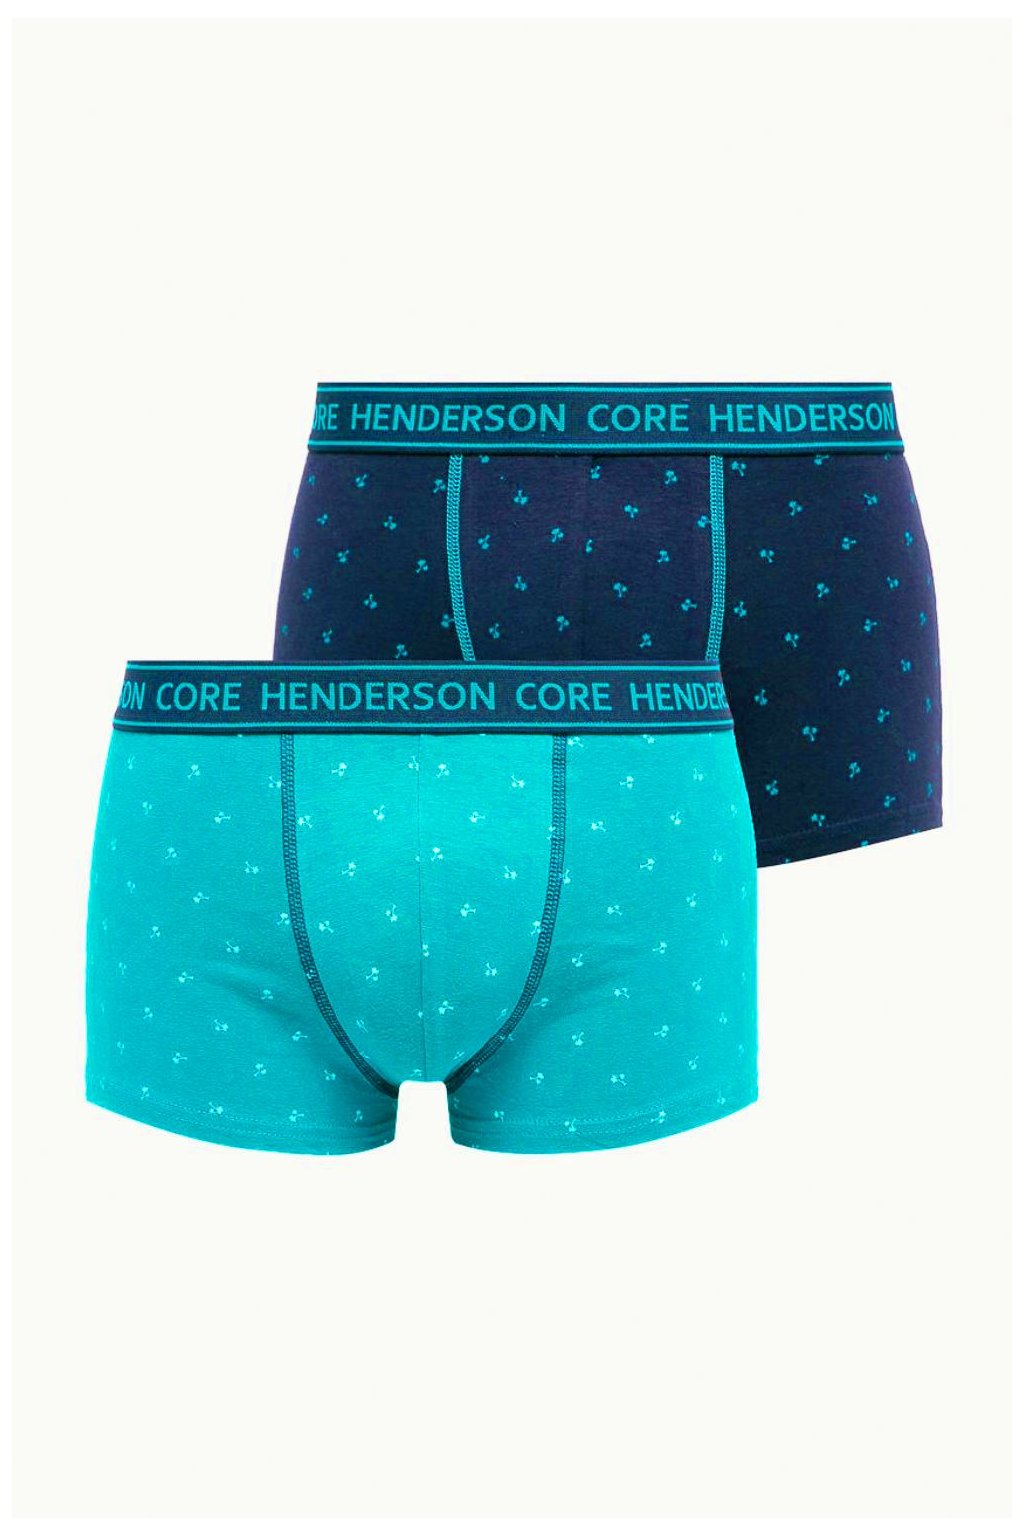 Boxerky Henderson 38839 2 pack